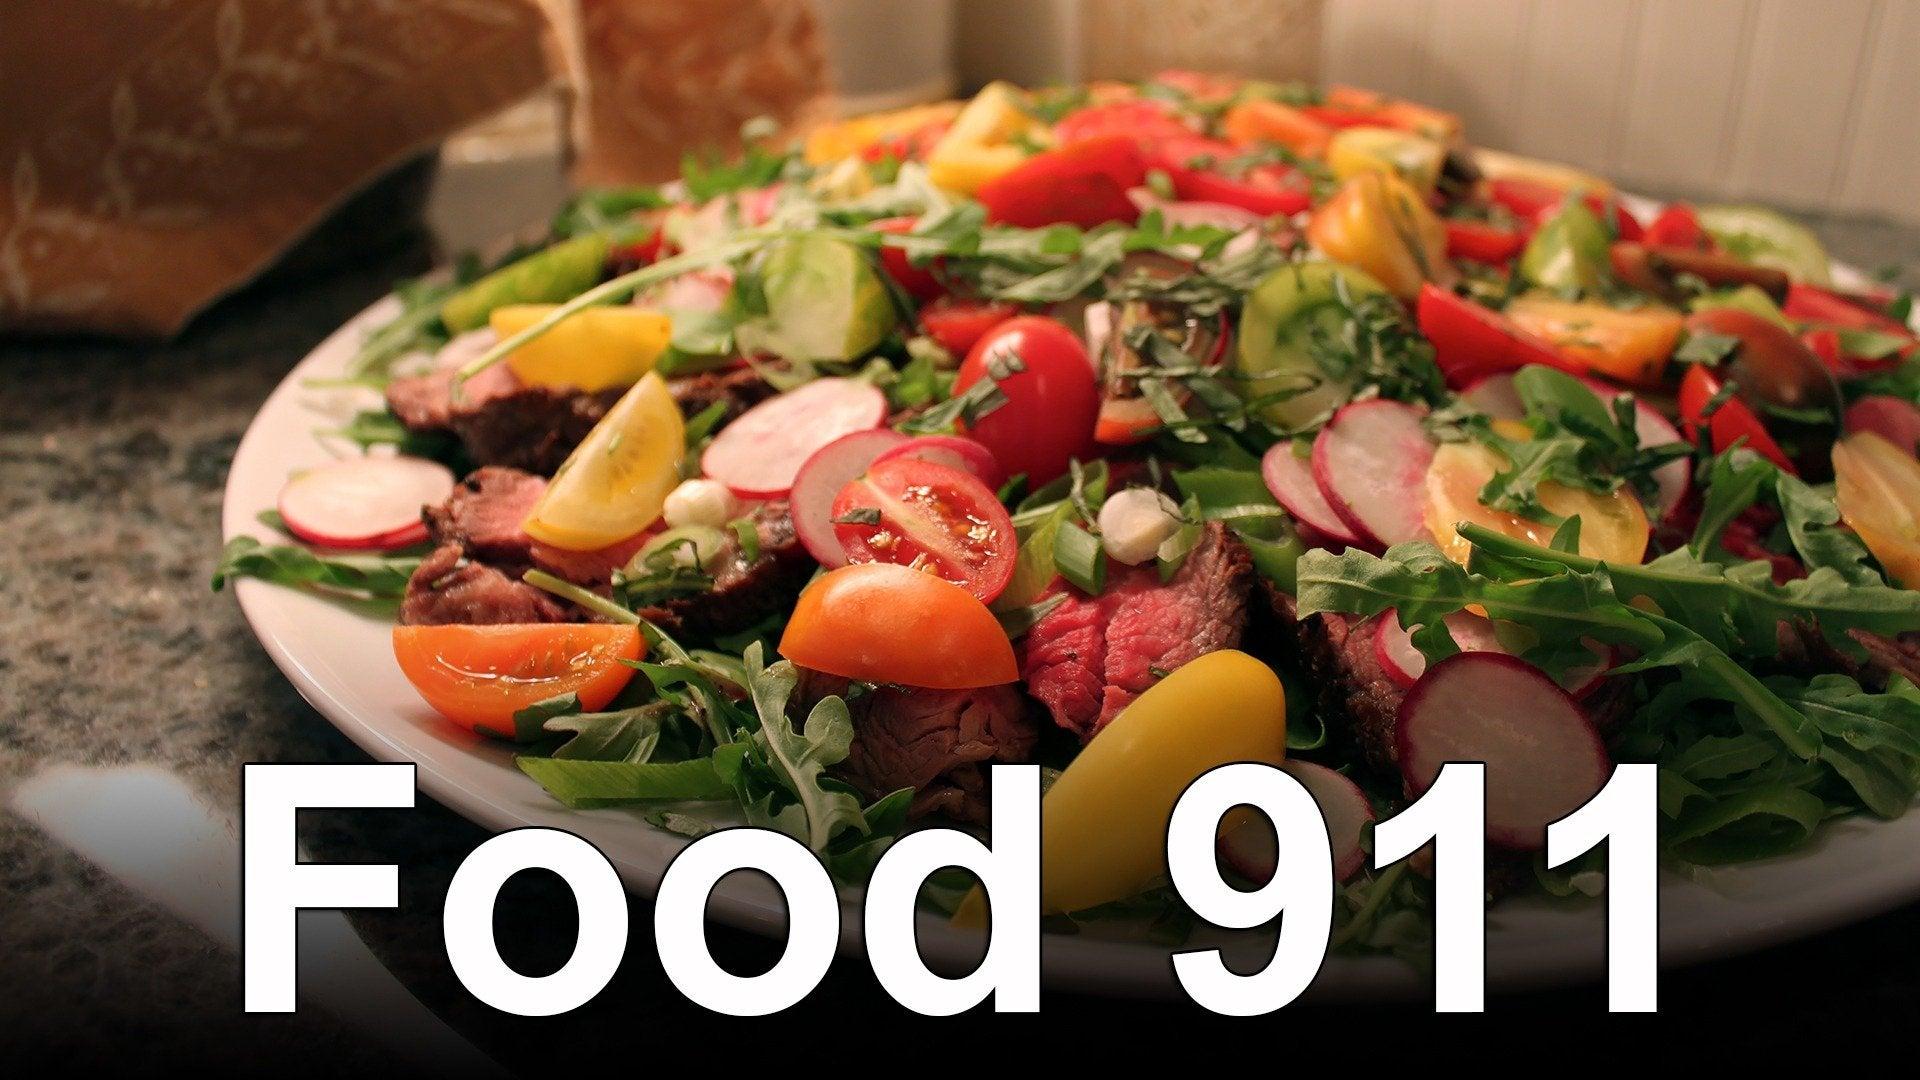 Food 911